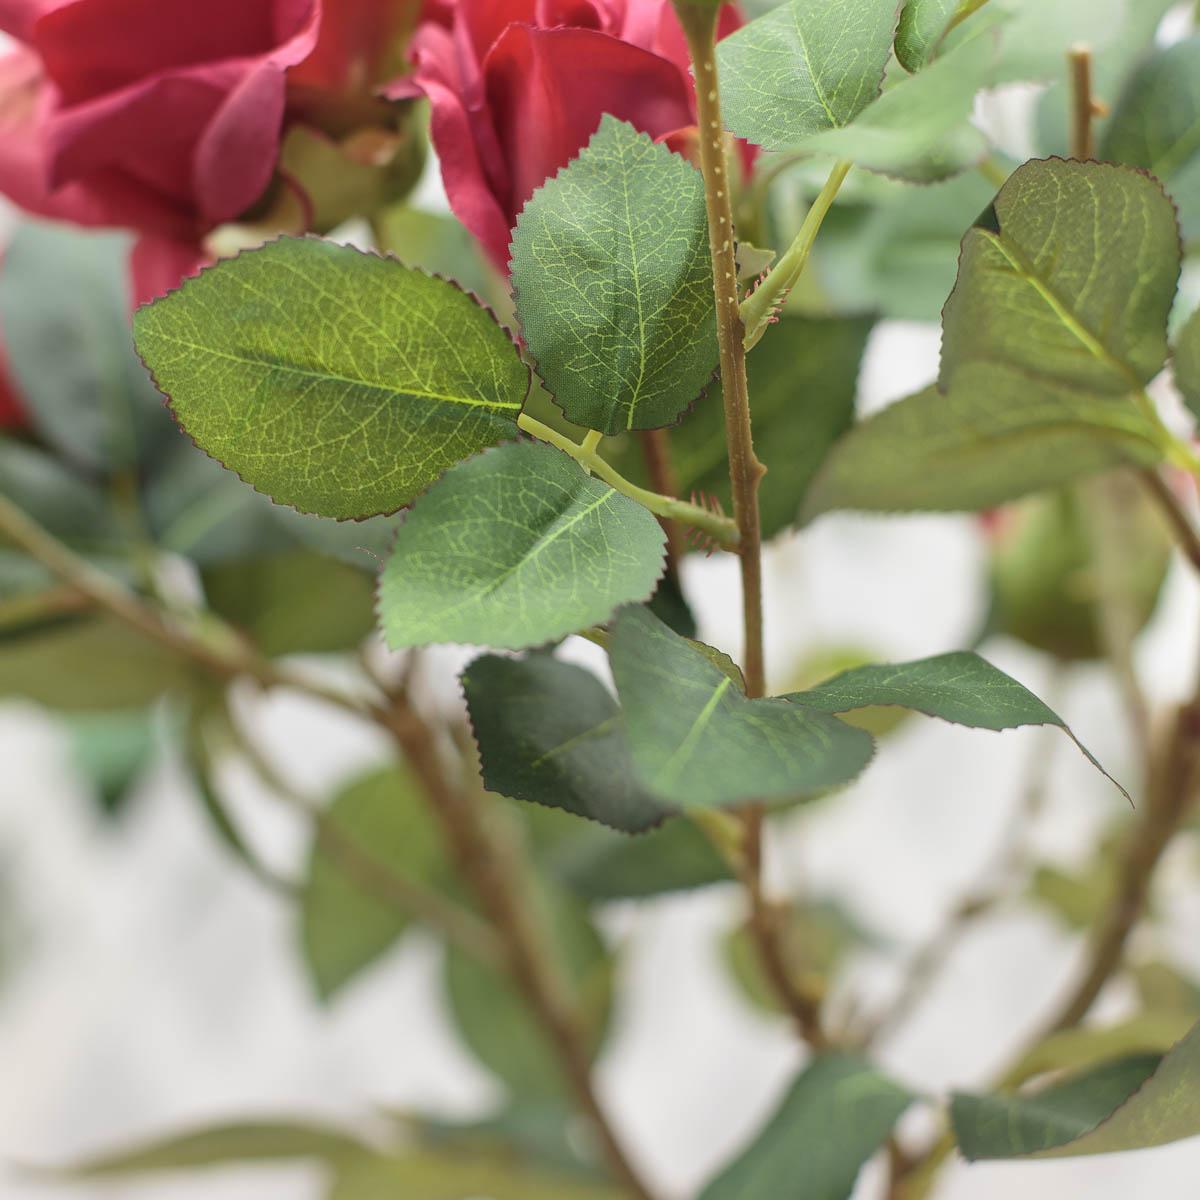 마르샤장미 조화나무 인조화분 레터링 원형 플라워포트 잎사귀 디테일